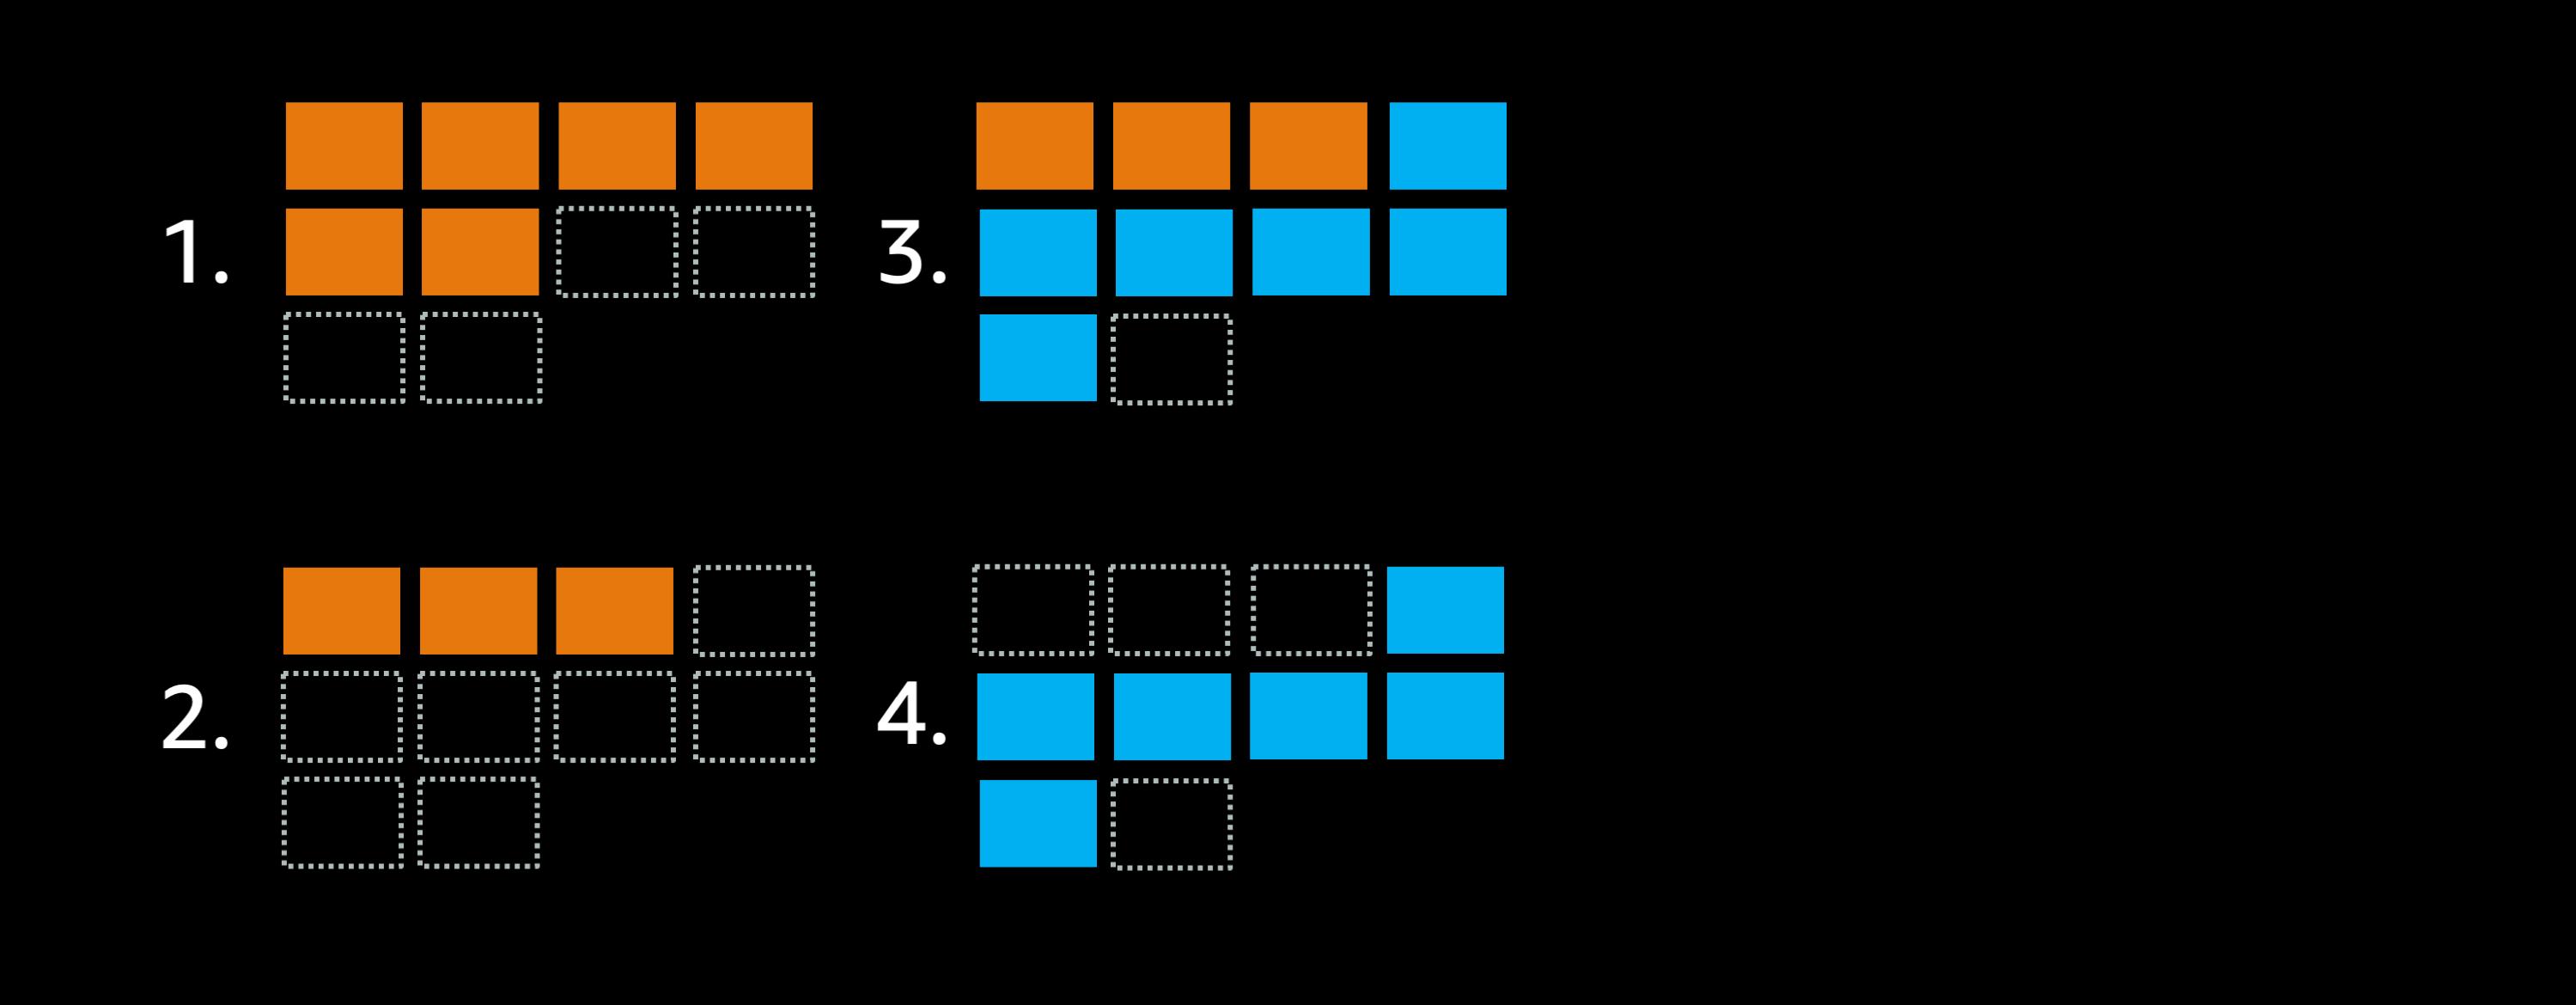 クラスタの最大配置可能タスク数を8から10に拡張し、minimumHealthyPercent = 50% に設定した場合